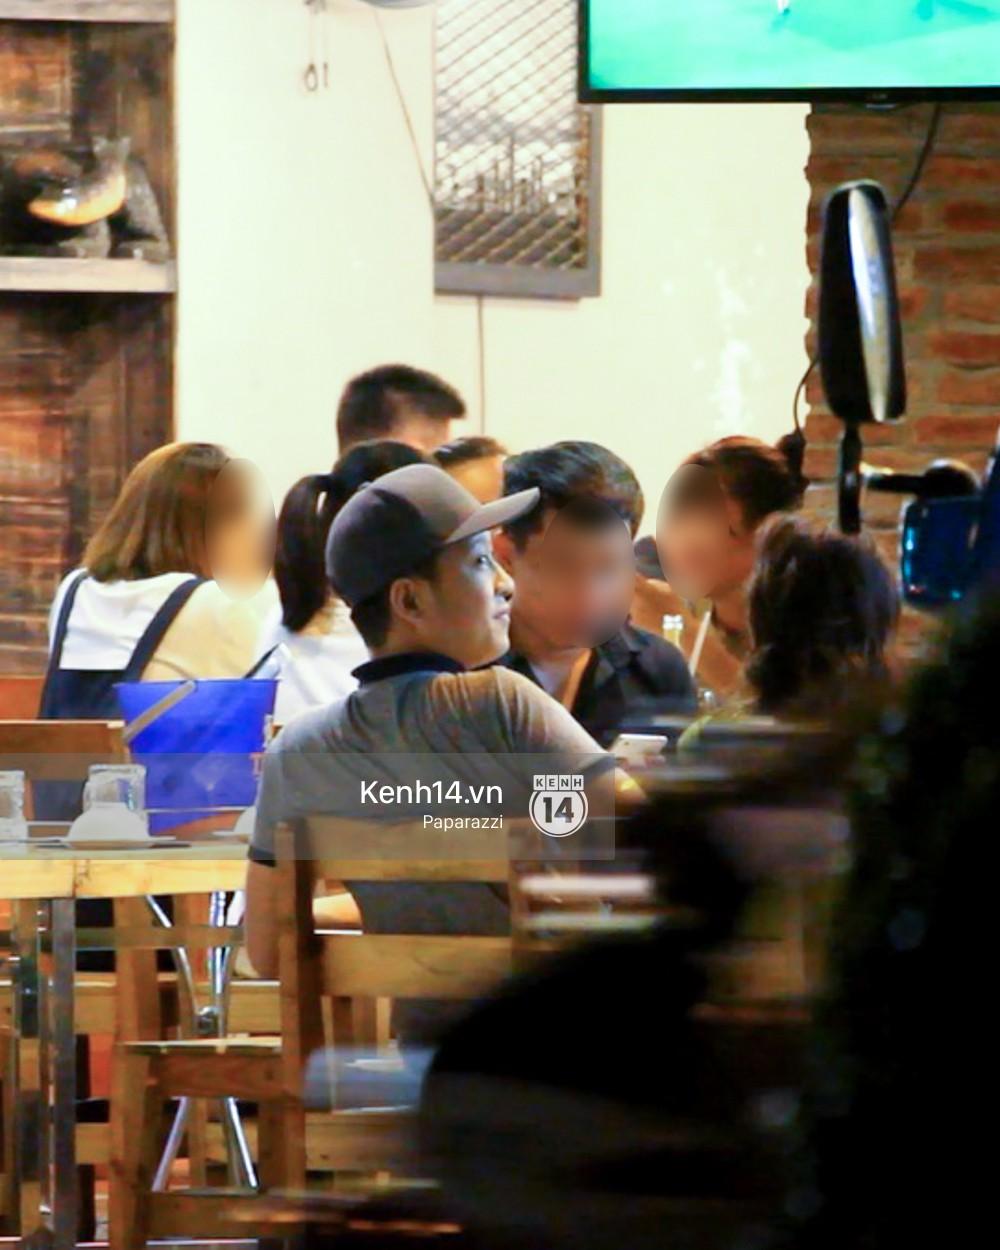 Trong khi Nhã Phương sang Thái chơi Songkran, Trường Giang bị bắt gặp đi uống bia cùng bạn bè giữa đêm - Ảnh 5.